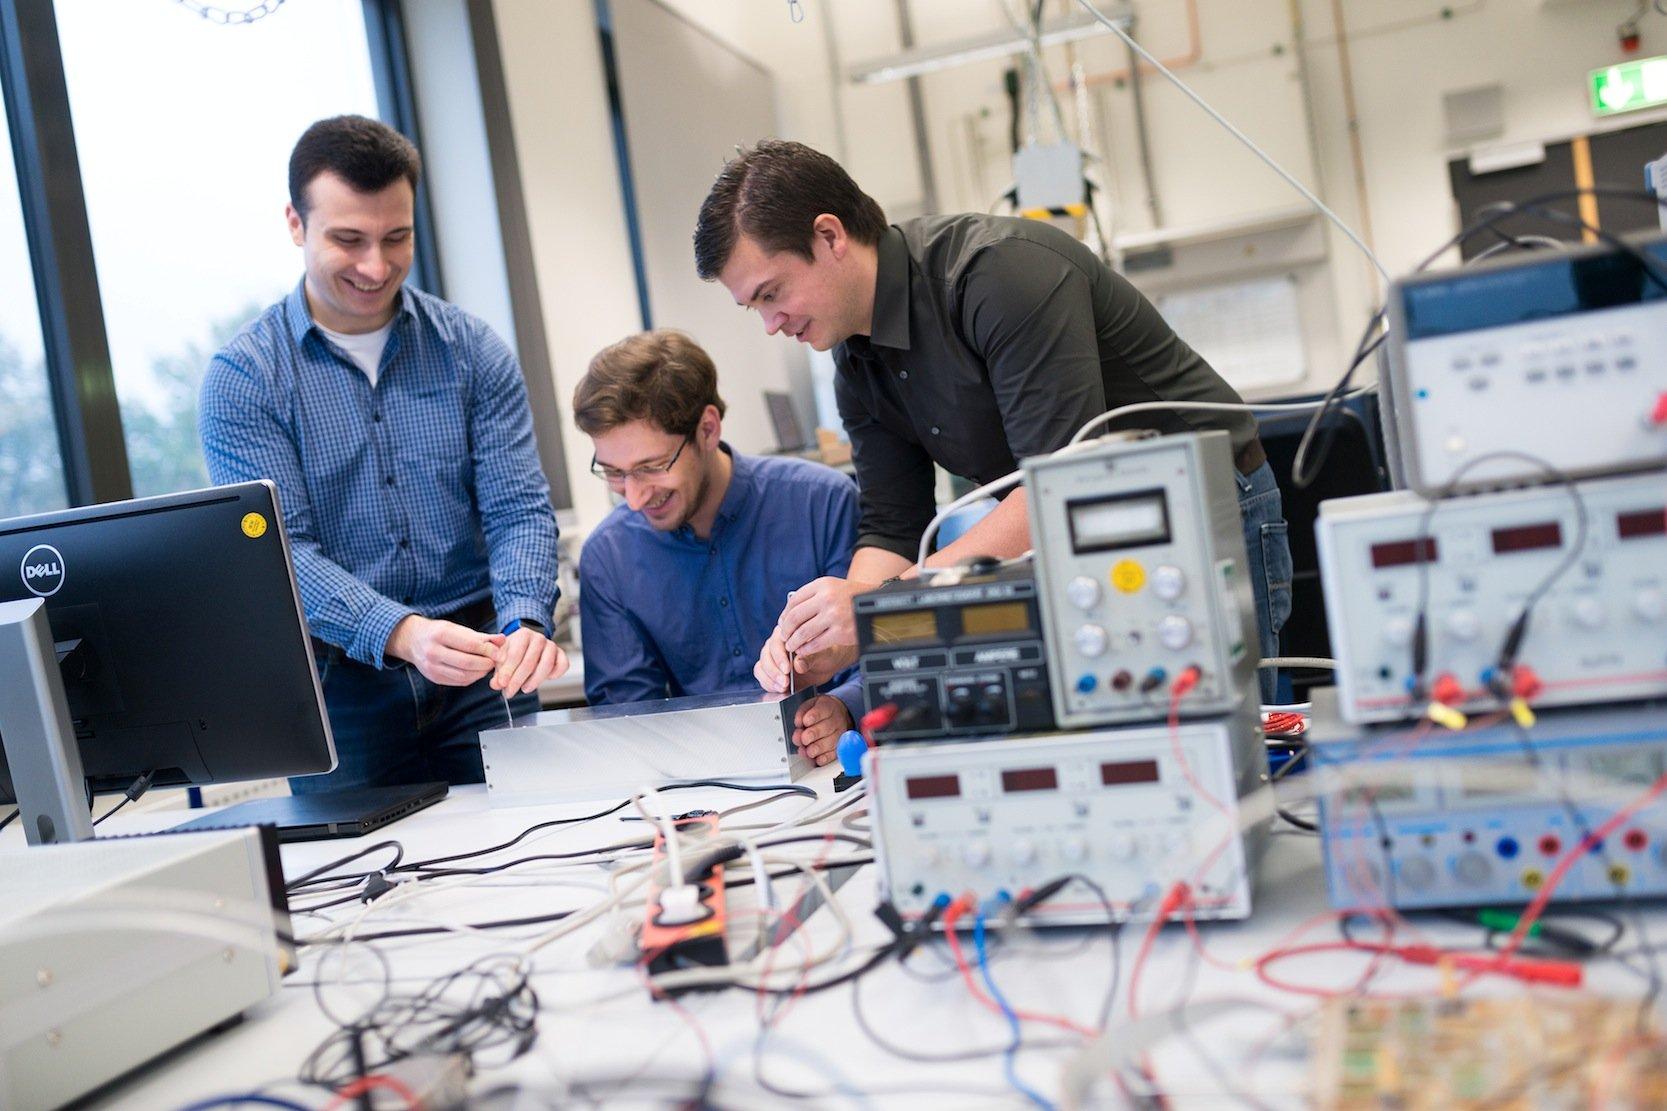 Haben gemeinsam den Sensor gebaut (v.l.): Patrick Kwiatkowski, Henrik Deis und Christoph Baer, angehende Ingenieure der Ruhr-Universität.